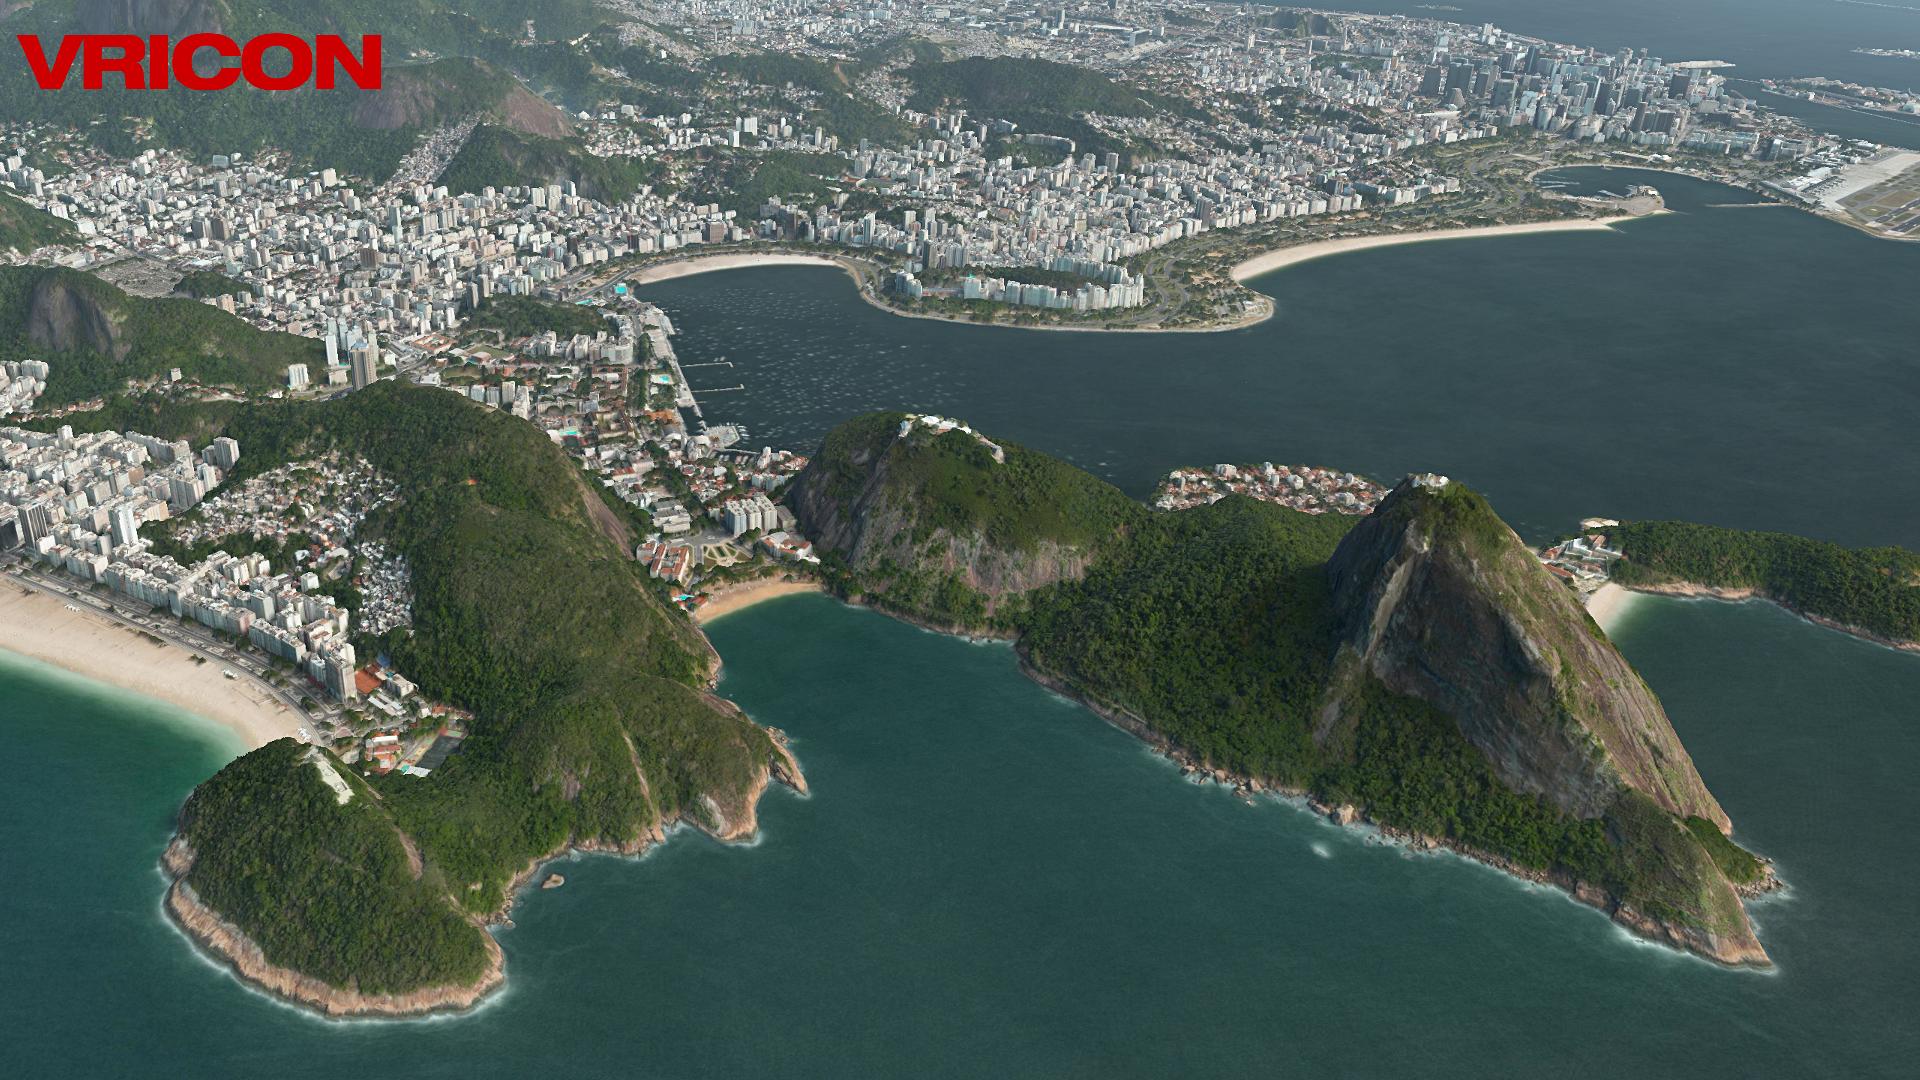 3D Vricon sample of Rio de Janeiro, Brazil